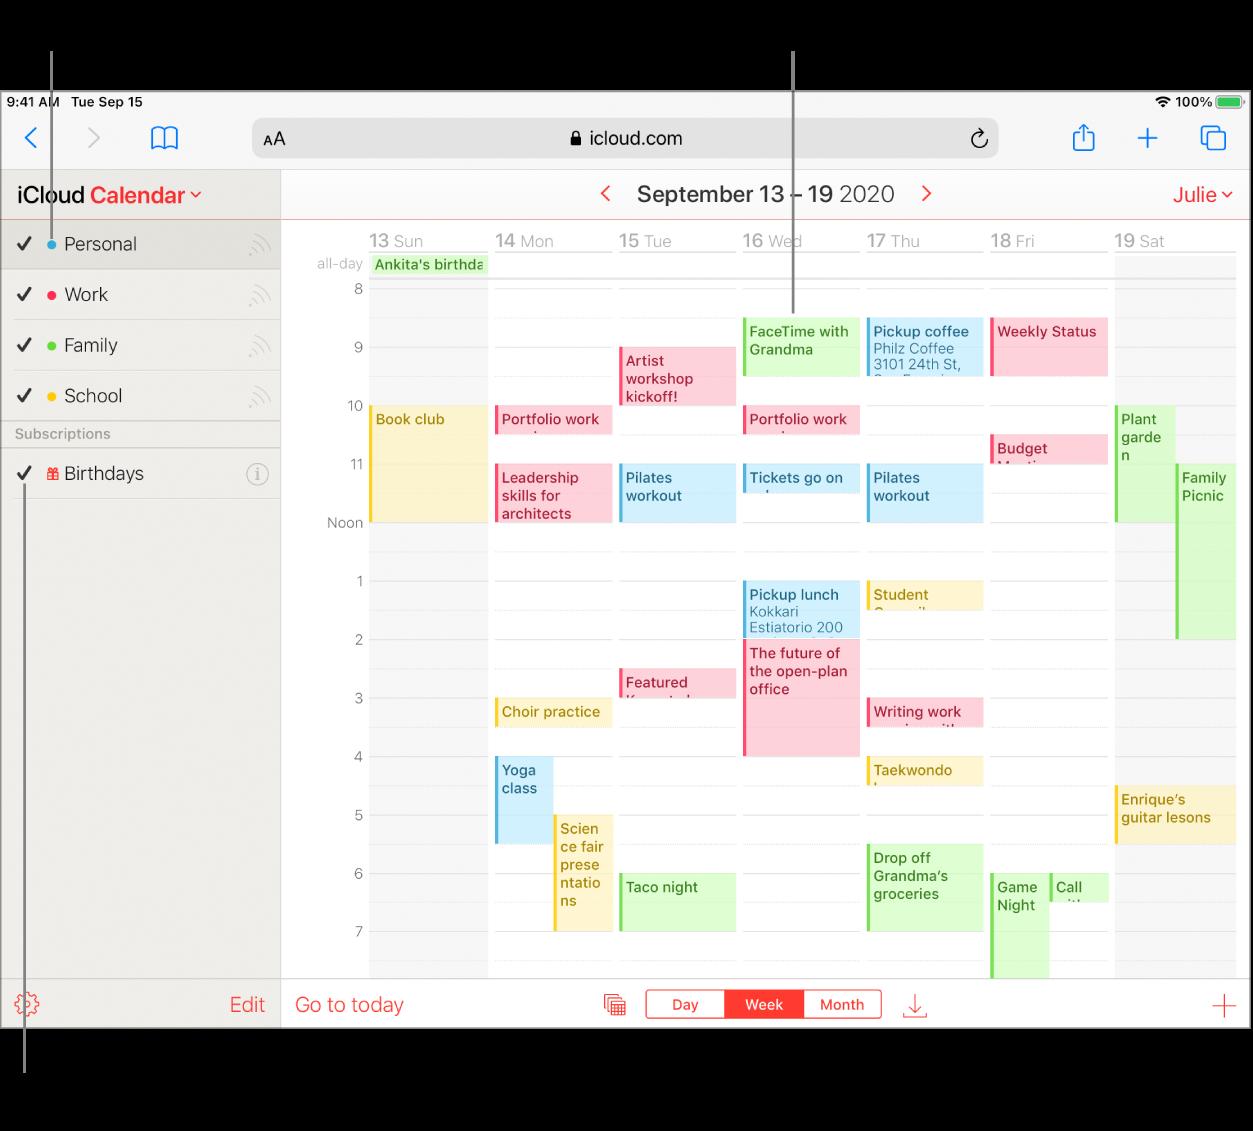 Το παράθυρο «Ημερολόγιο iCloud», όπου εμφανίζονται αρκετά ημερολόγια. Αντιστοιχίστε ένα διαφορετικό χρώμα σε κάθε ημερολόγιο. Το χρώμα ενός γεγονότος δηλώνει σε ποιο ημερολόγιο βρίσκεται. Επιλέξτε ή καταργήστε την επιλογή ενός σημείου ελέγχου για εμφάνιση ή απόκρυψη ενός ημερολογίου.